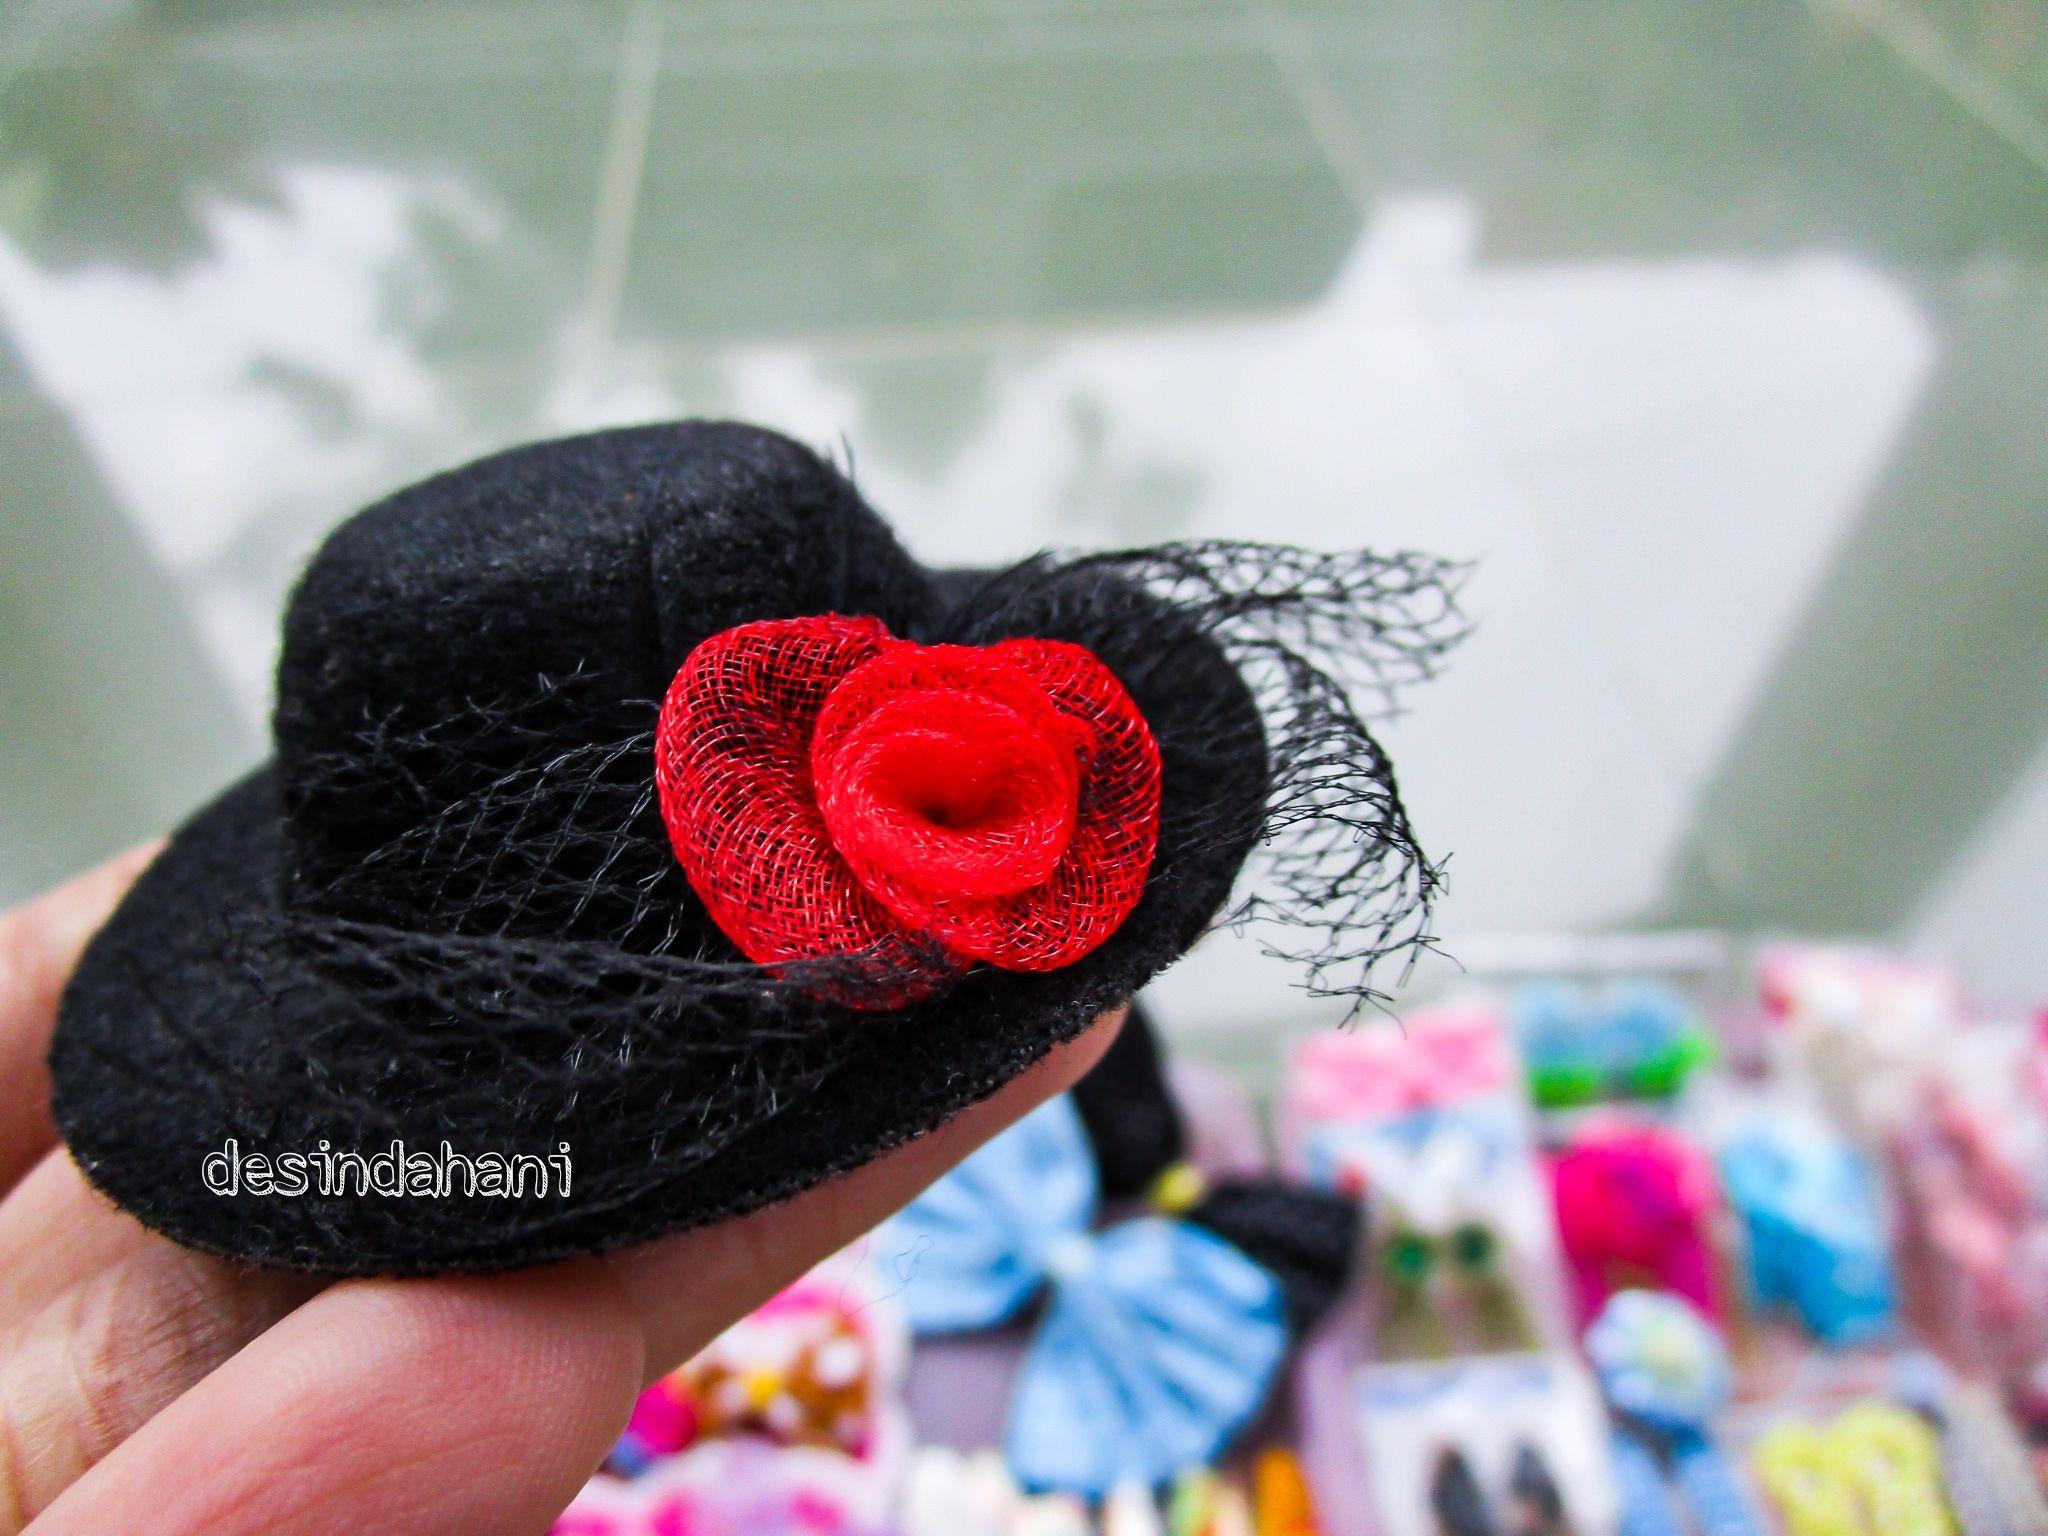 Aksesoris rambut yang paling di sukai dengan bentuk topi (sumber: dokumentasi pribadi penulis)